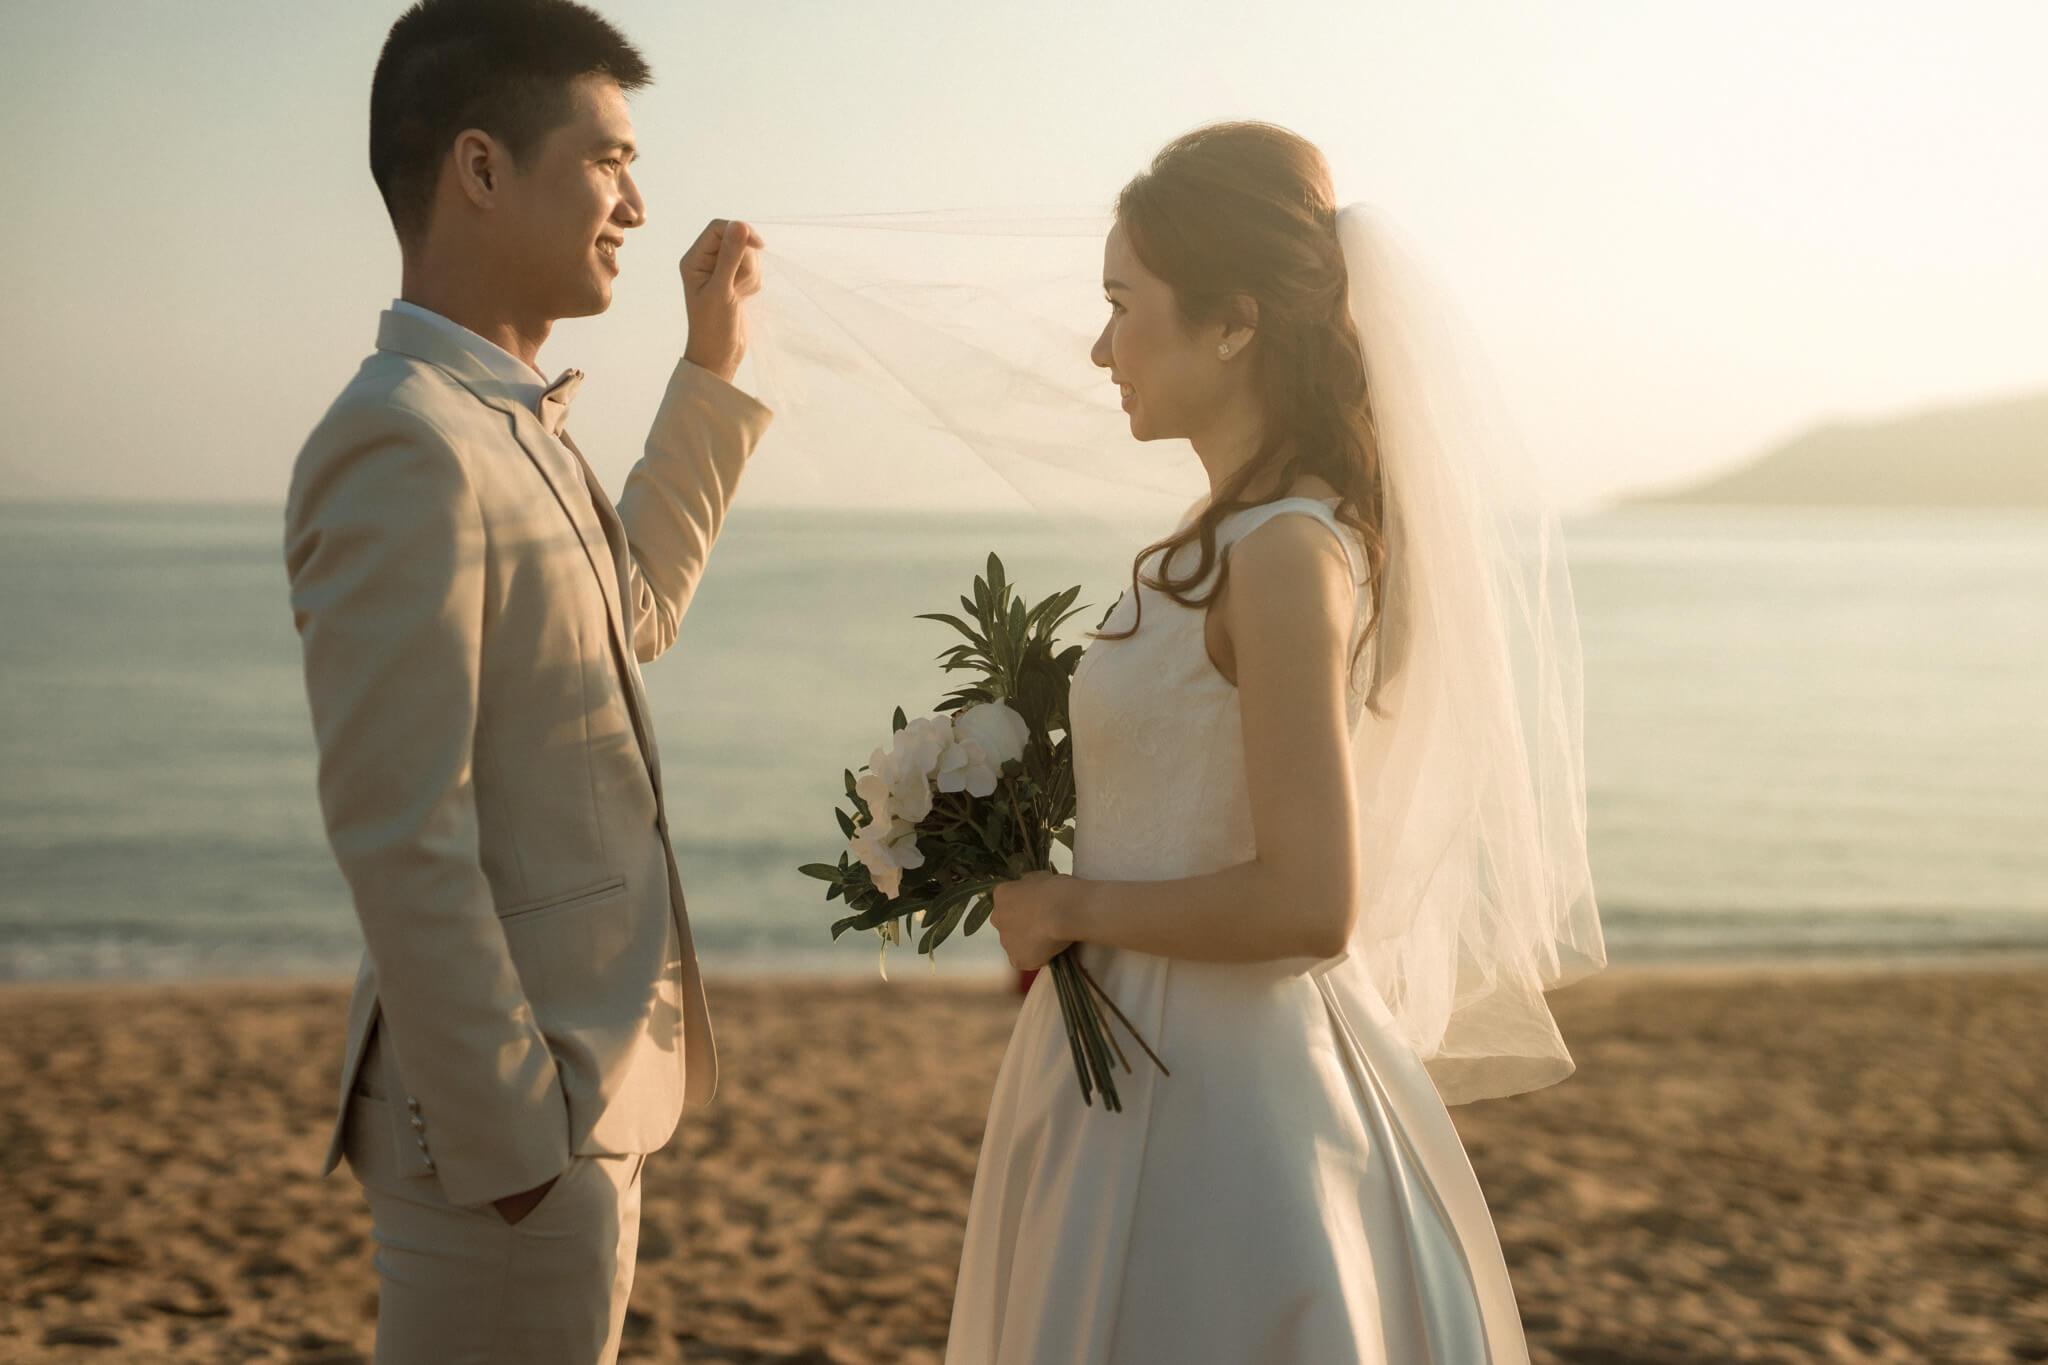 Những điều bạn nên biết trước khi sử dụng dịch vụ chụp ảnh cưới trọn gói ở Nha Trang